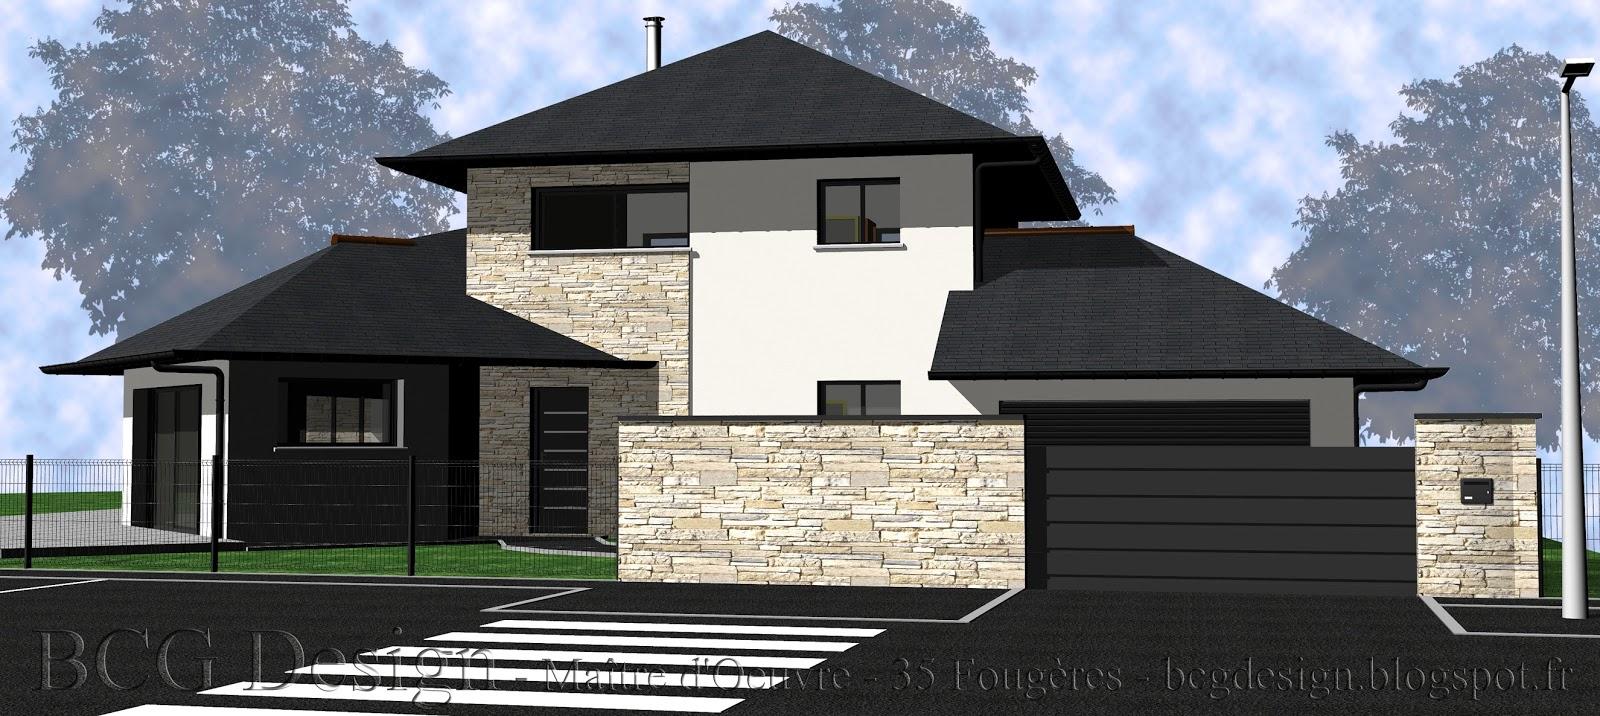 Maison maitre d oeuvre duune maison rt les bains with for Construire une maison avec un architecte